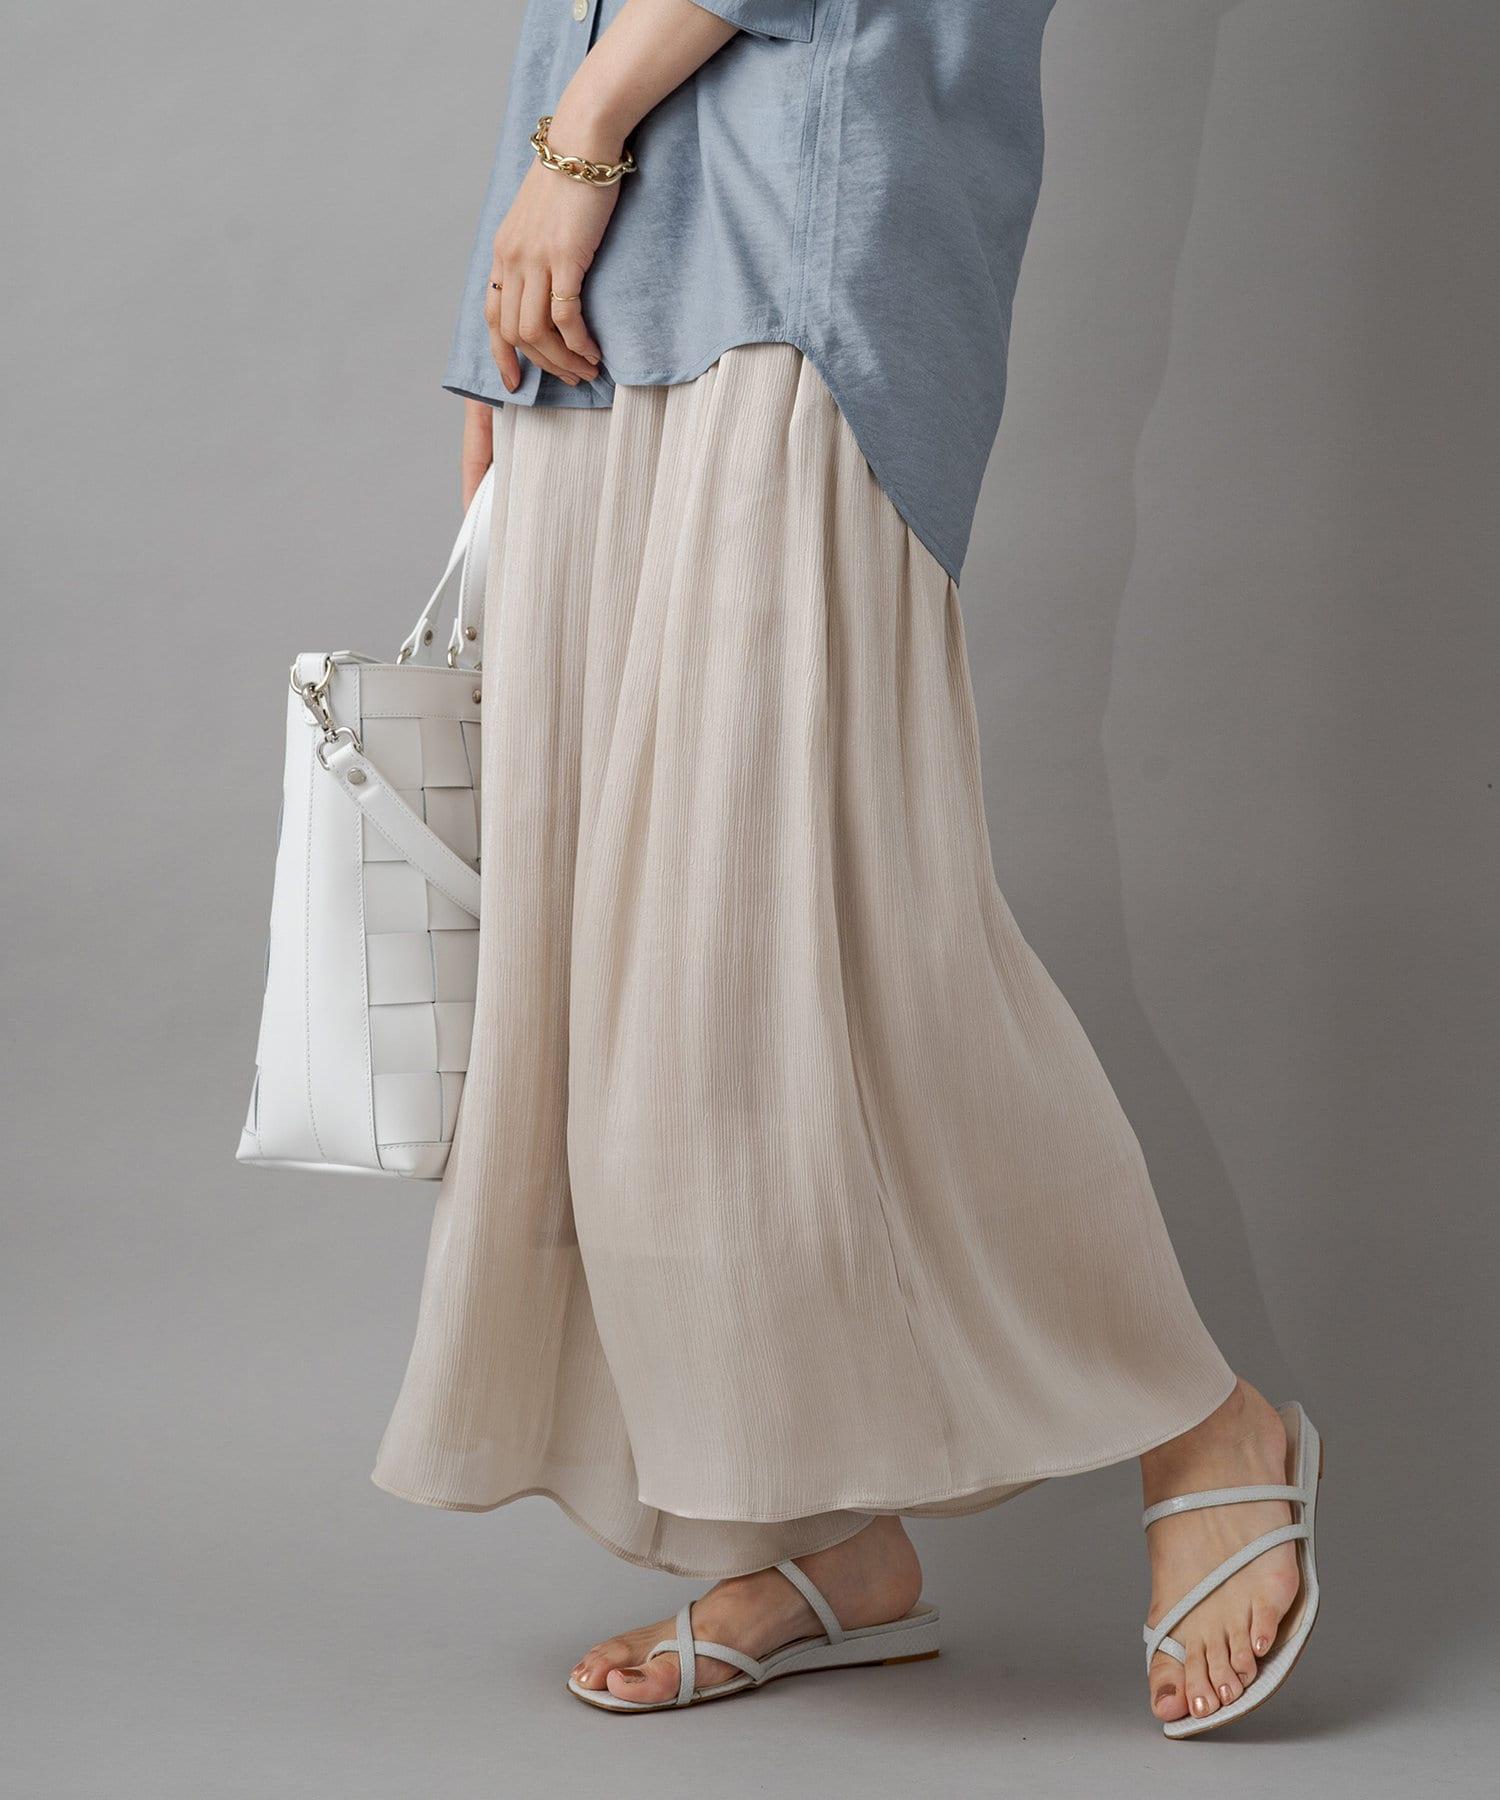 Loungedress(ラウンジドレス) 楊柳サテンフレアパンツ